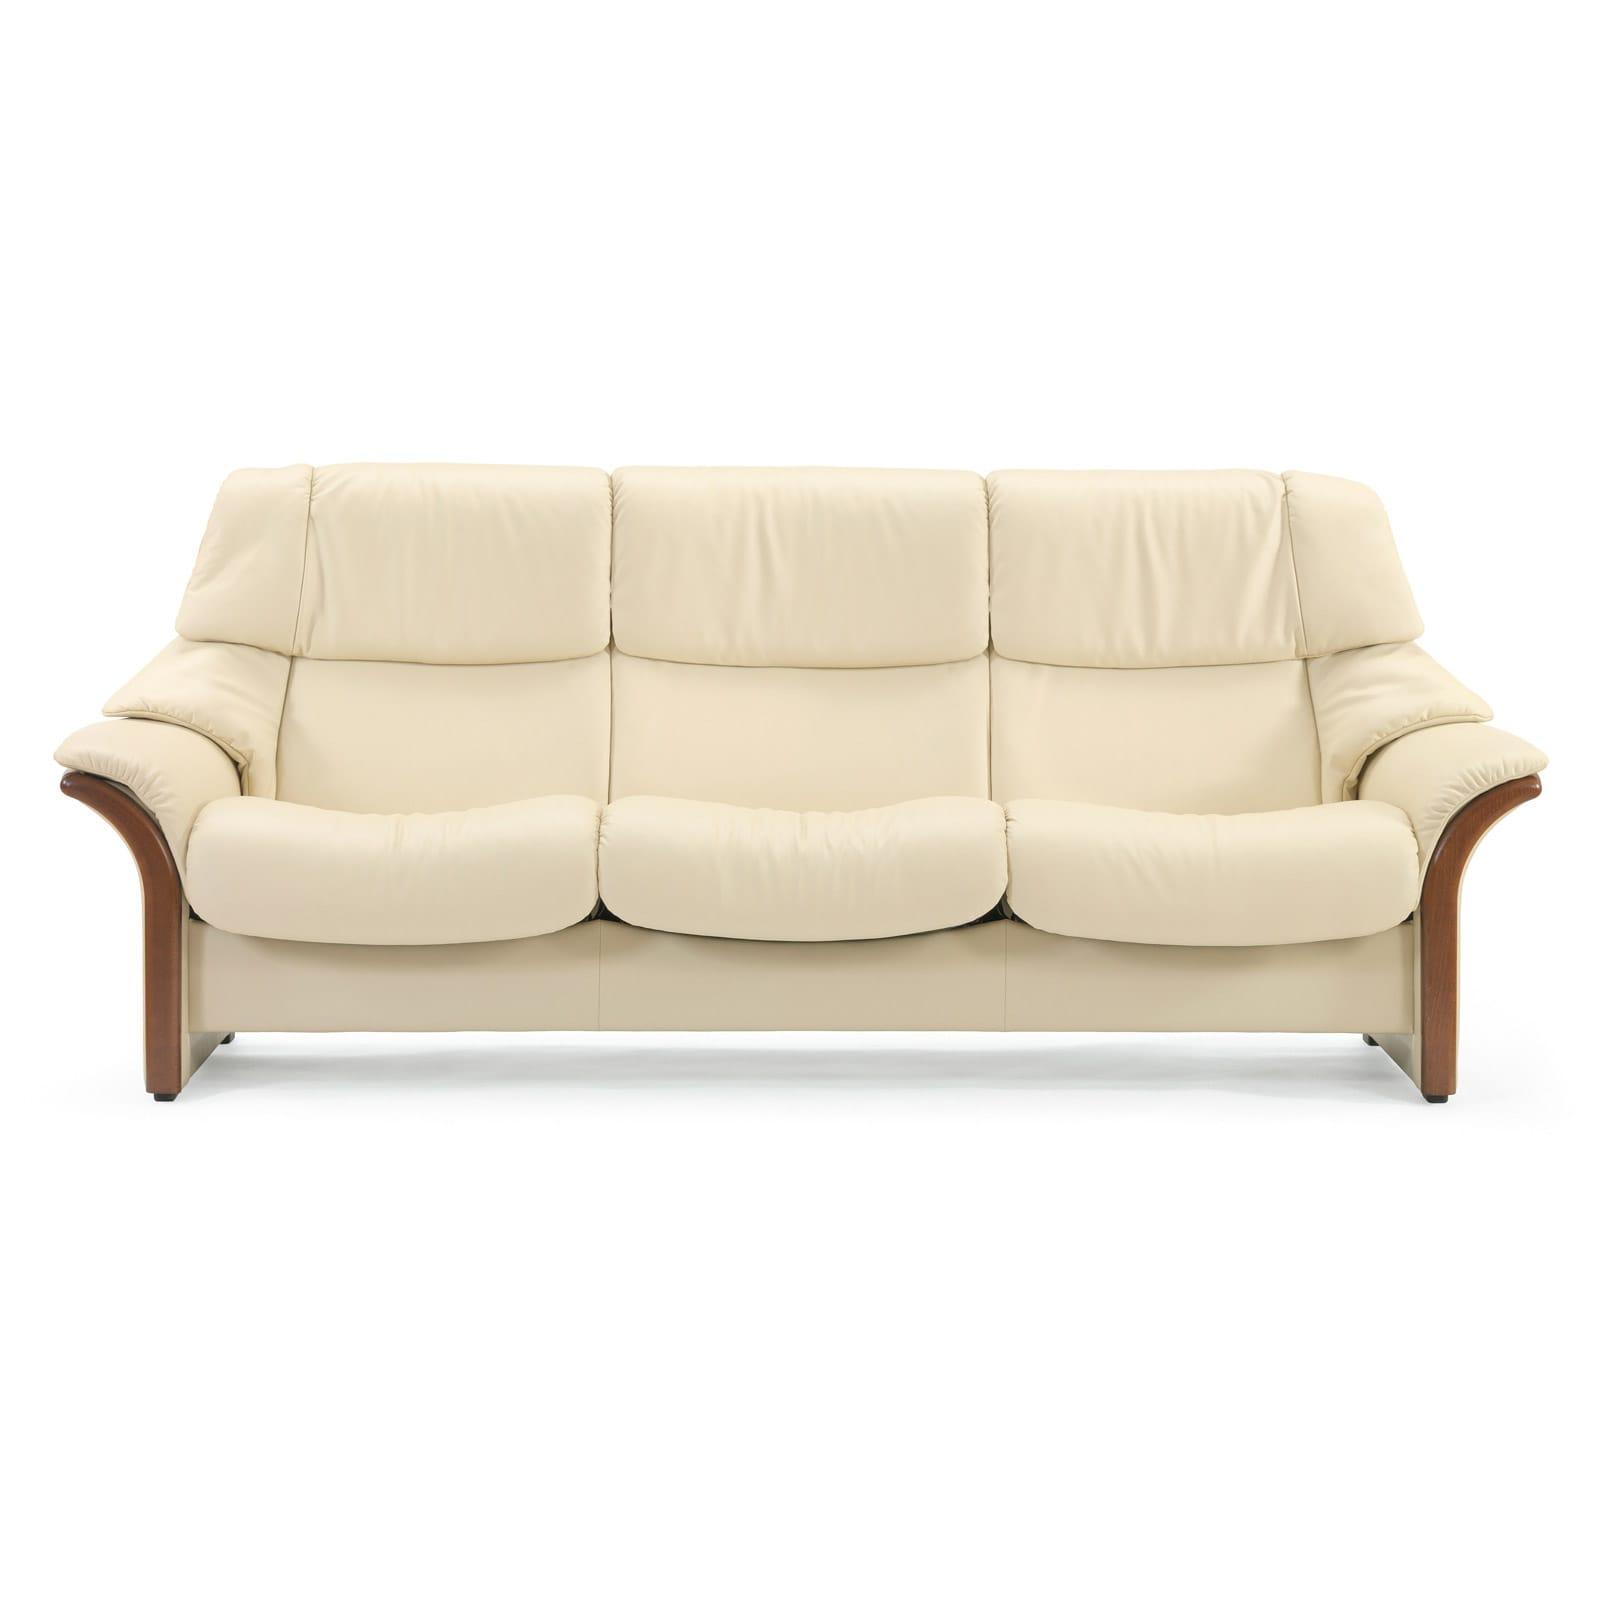 Full Size of Stressless Sofa 3 Sitzer Eldorado M Hoch Vanilla Braun Mit Relaxfunktion Boxspring Schlaffunktion Big Weiß Elektrisch Ligne Roset Esstisch Chesterfield Grau Sofa Sofa 3 Sitzer